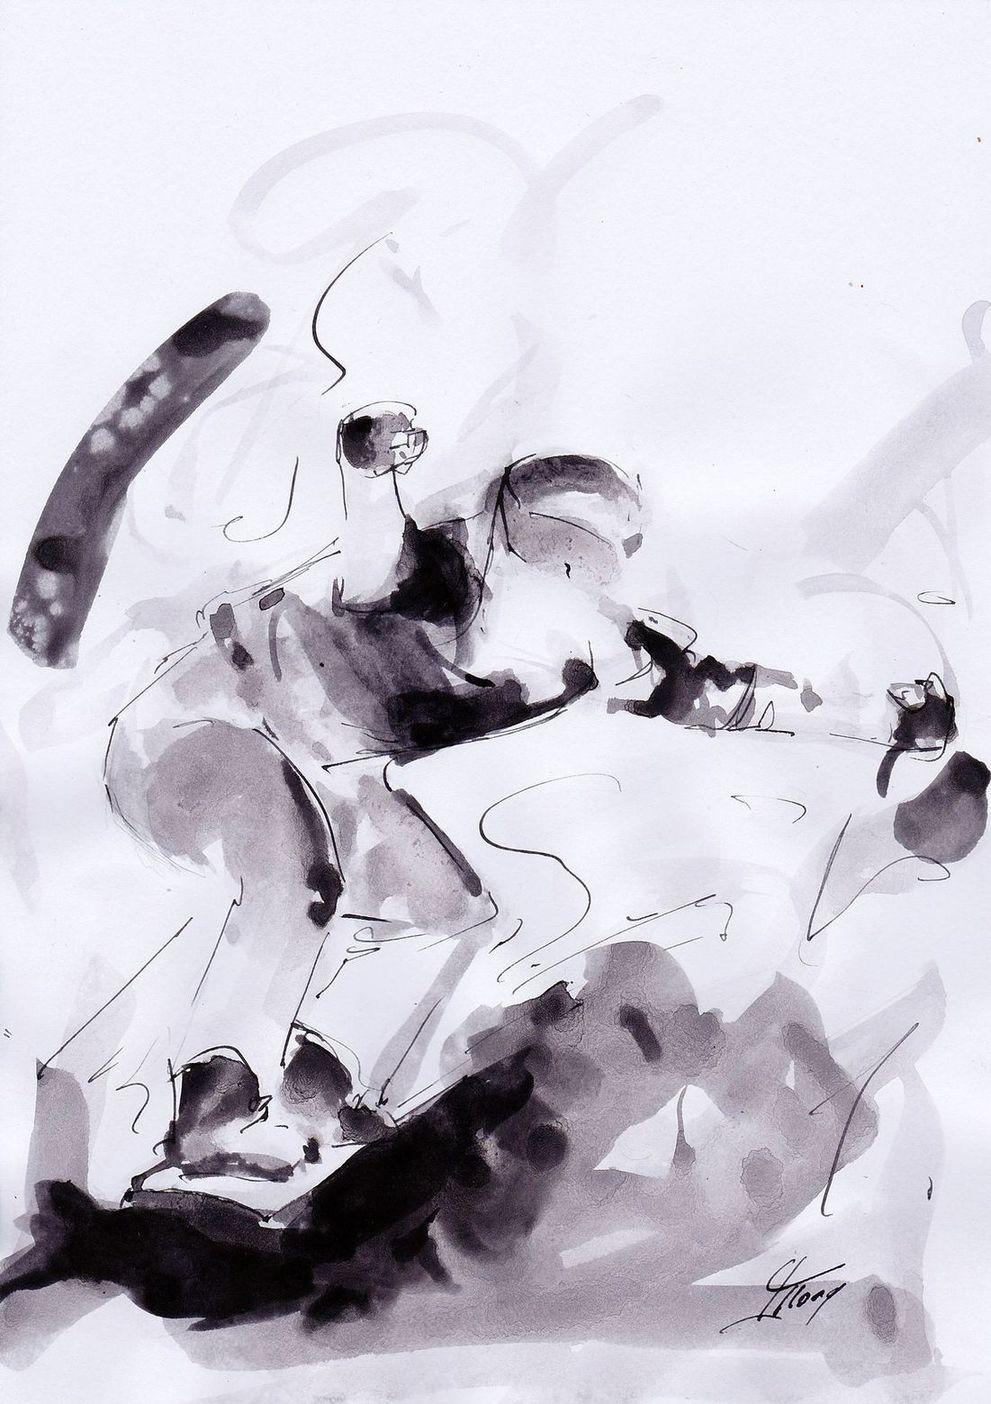 art peinture sport de glisse Jeux olympiques d'hiver Médaille d'or Pyeongchang JO 2018 : La victoire de Pierre Vaultier en snowboad Cross